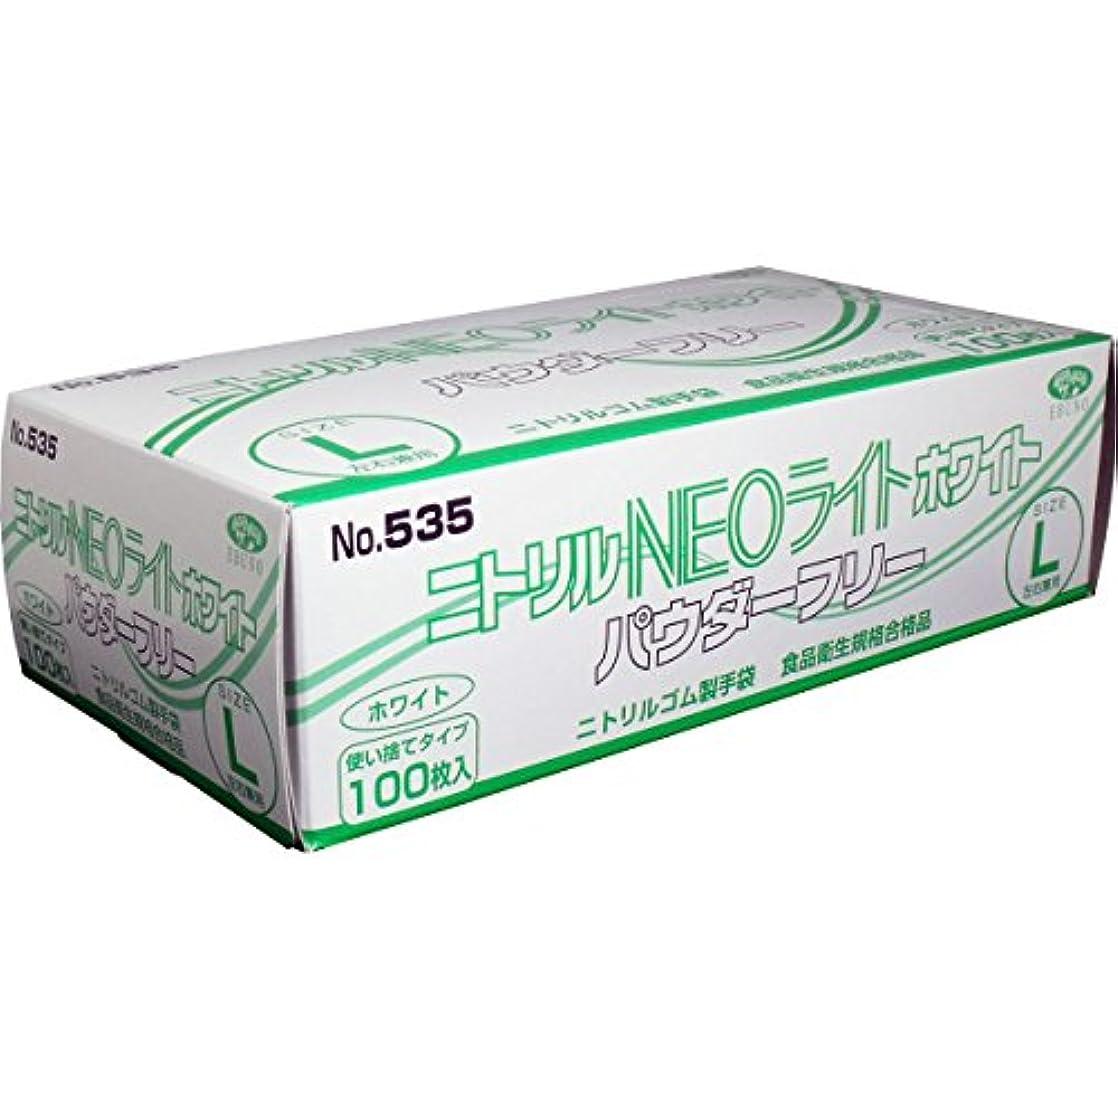 コンチネンタルシエスタ定規ニトリル手袋 NEOライト パウダーフリー ホワイト Lサイズ 100枚入「5点セット」